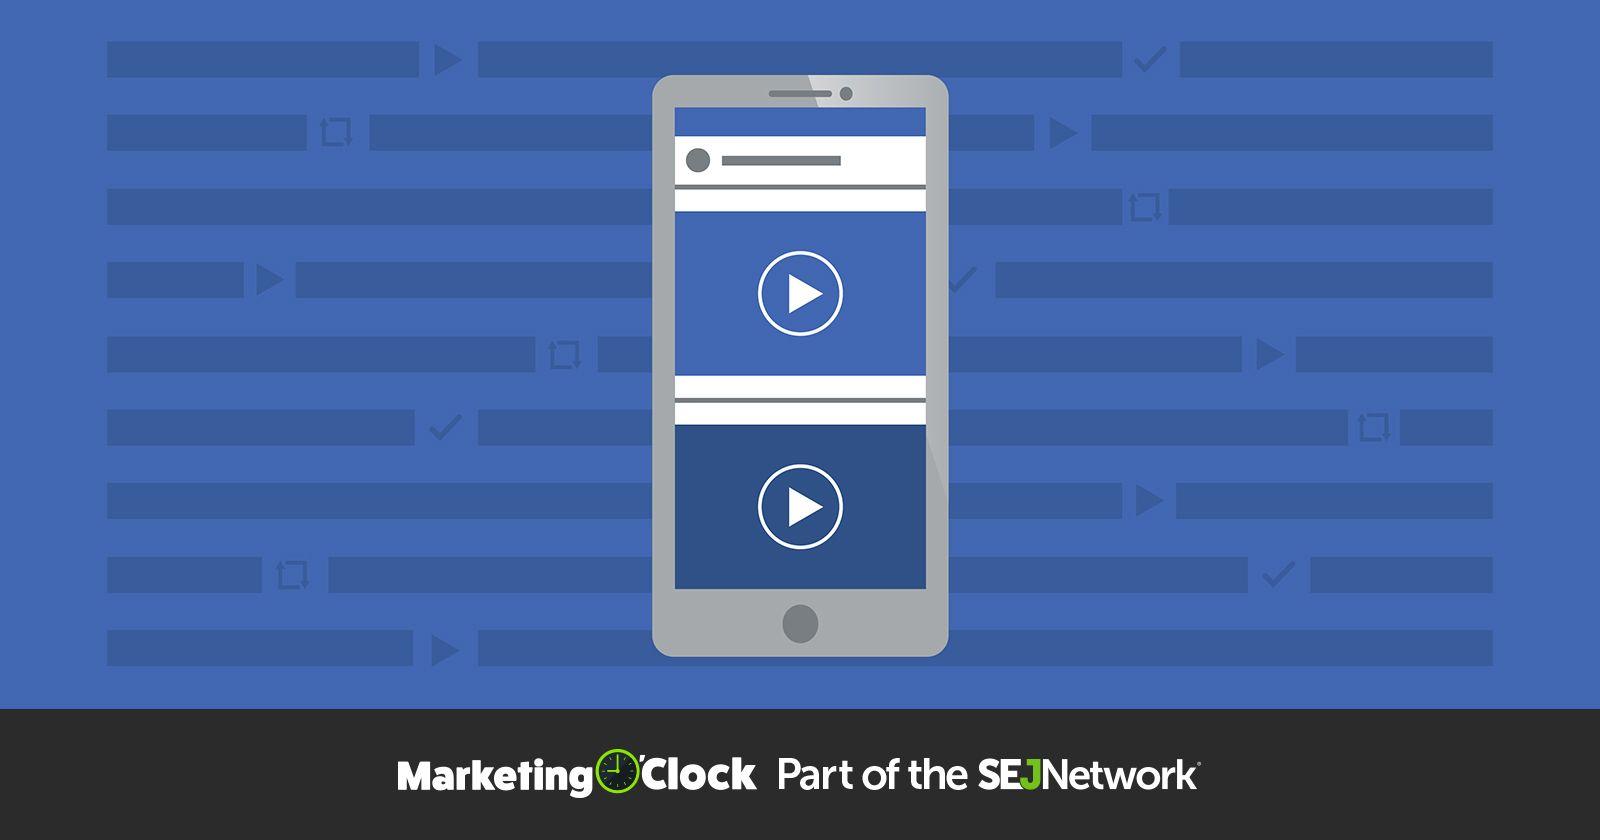 mới Facebook Trình chỉnh sửa video và chức năng tiếp thị kỹ thuật số của bản này 3